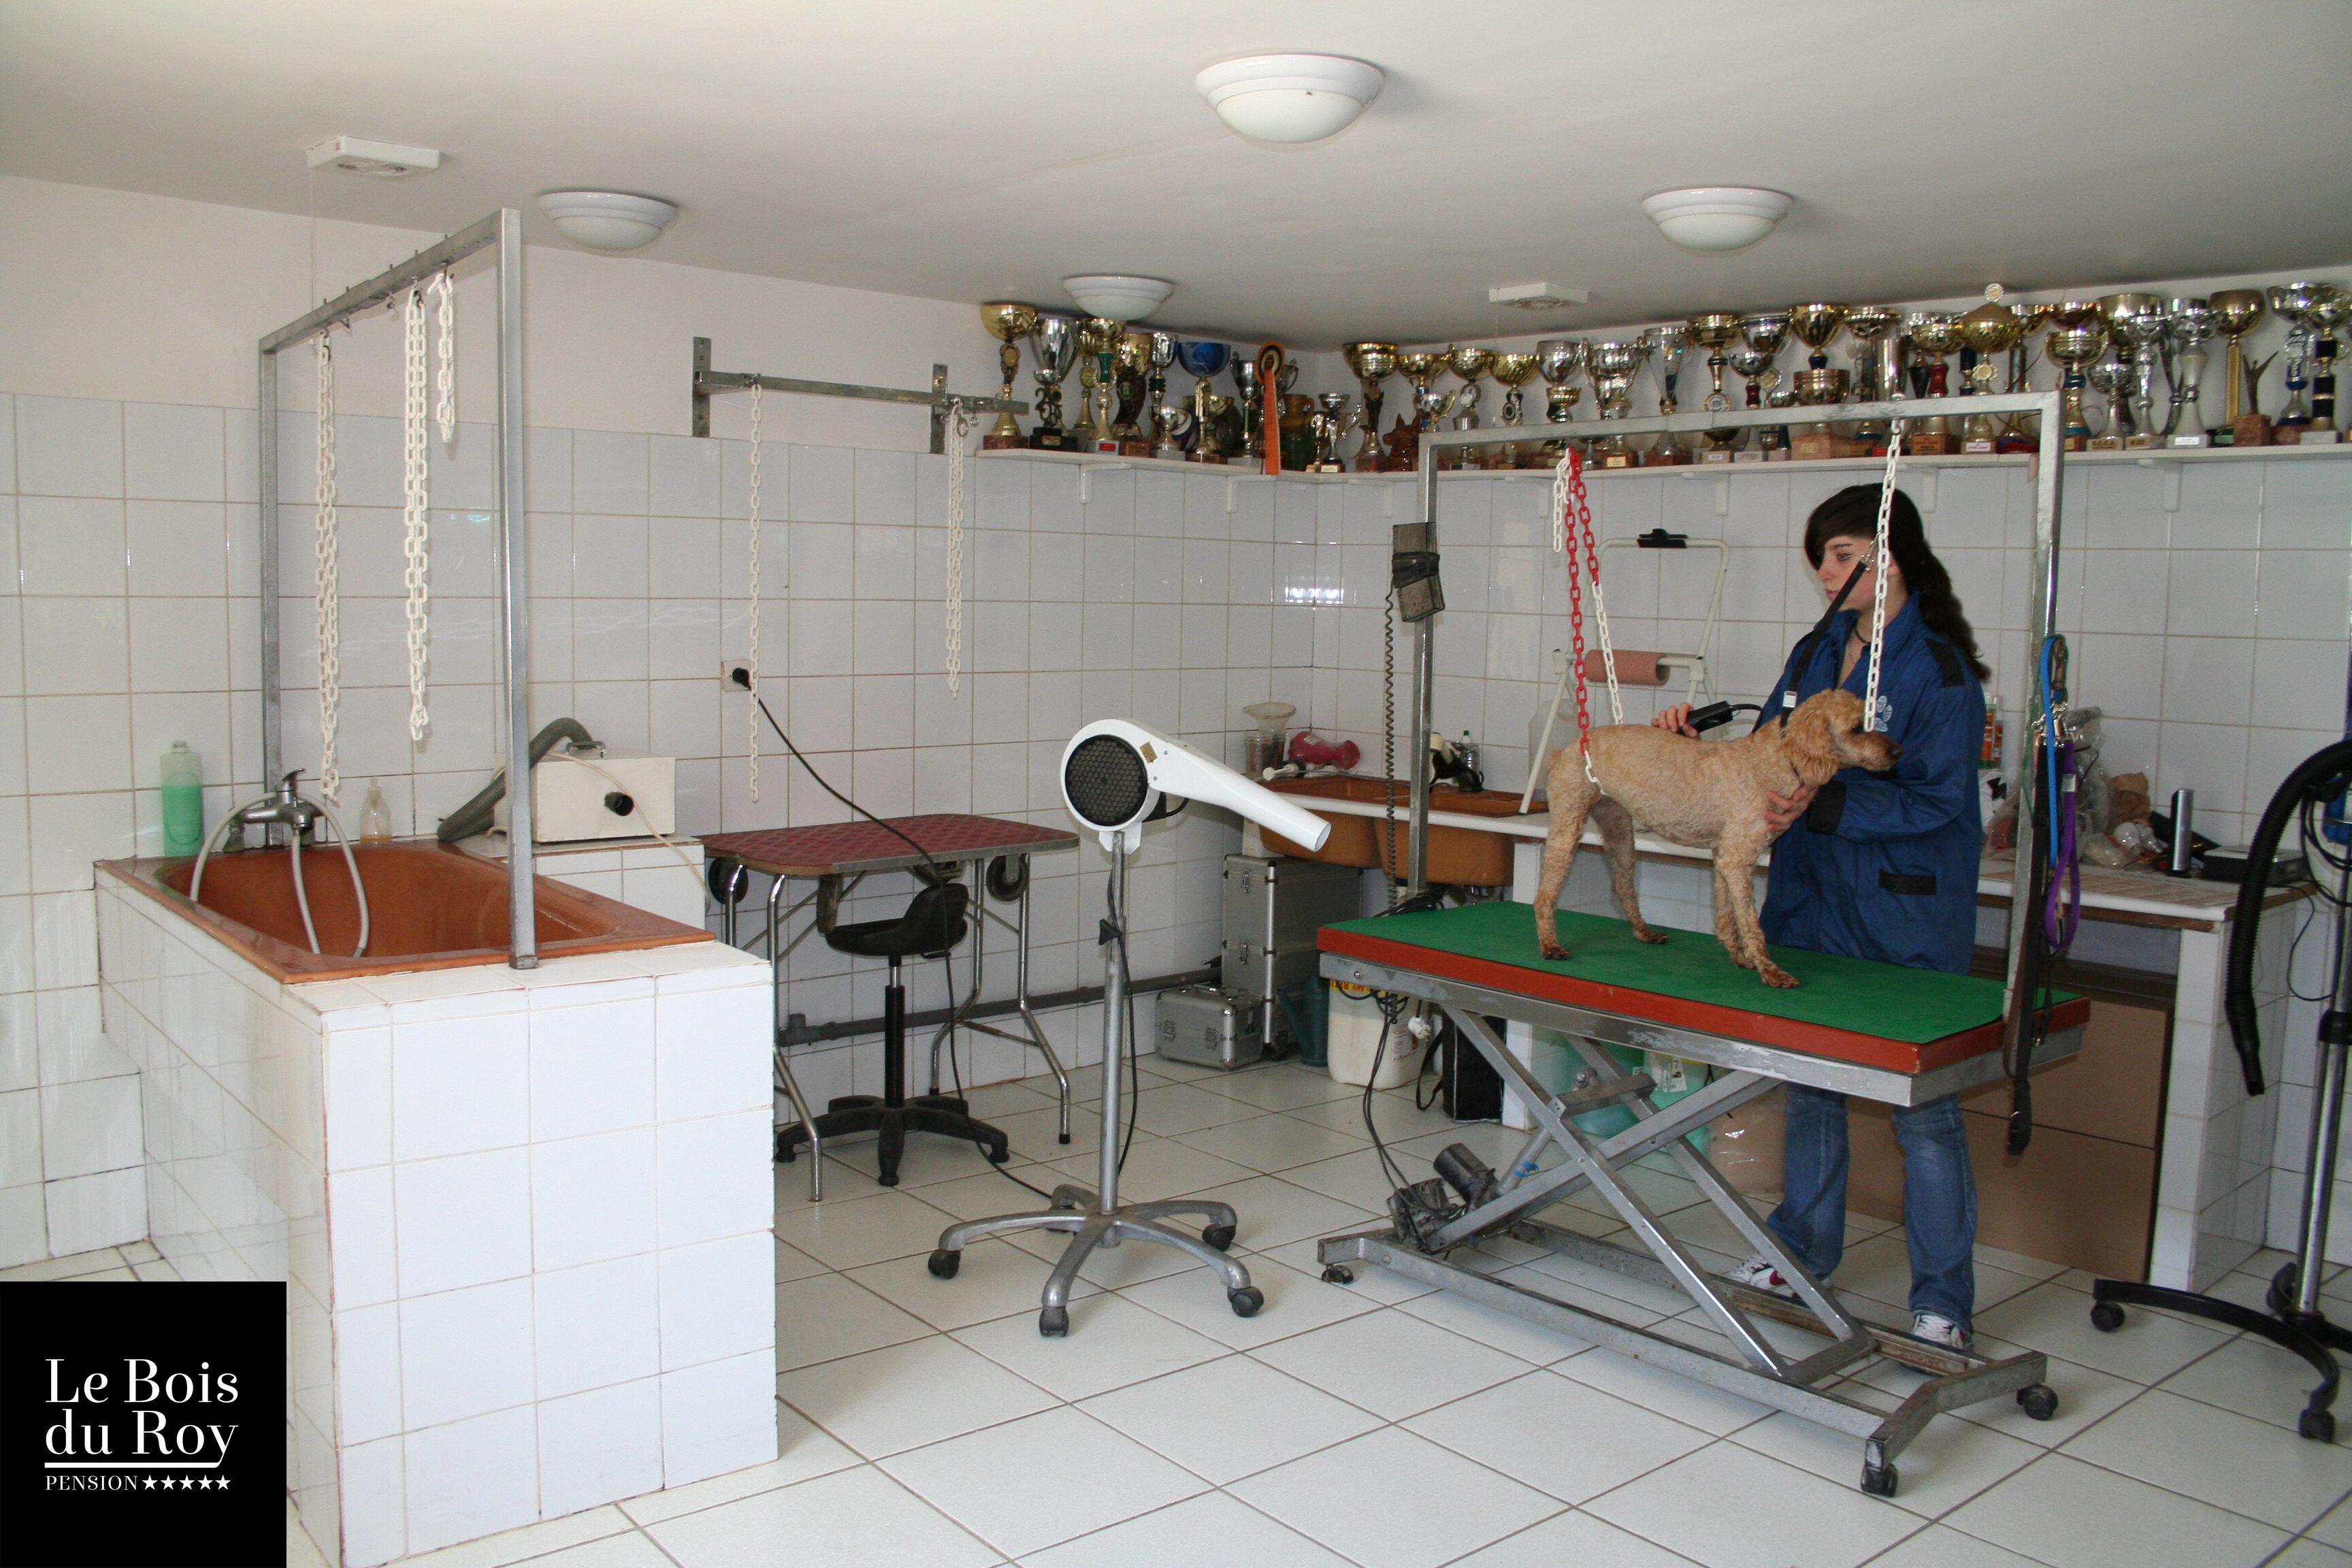 Salon de toilettage prix attractif le bois du roy for Salon toilettage